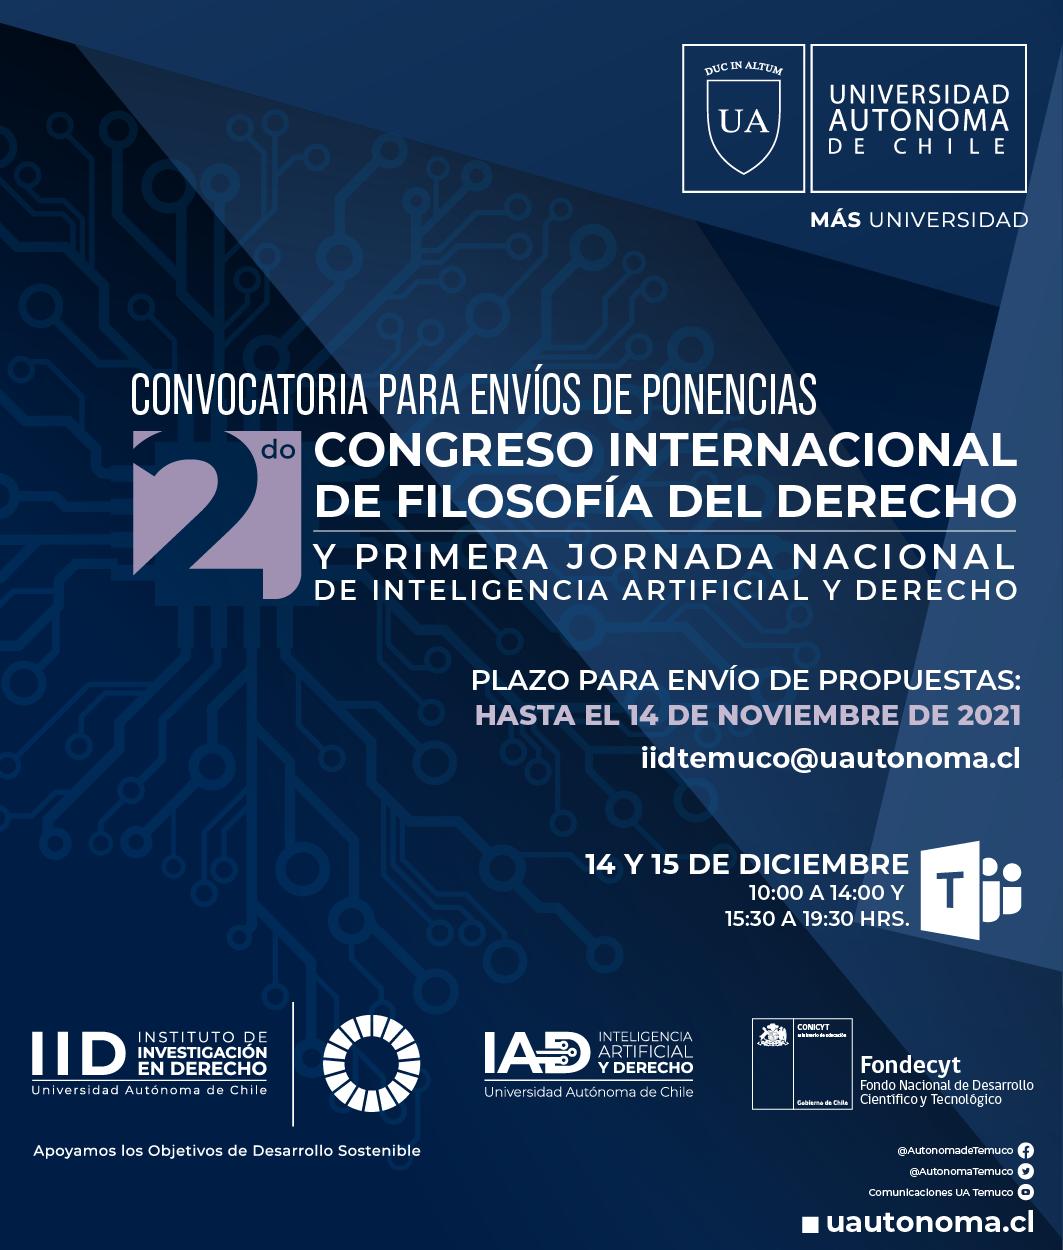 II Congreso Internacional de Filosofía del Derecho y I Jornada Nacional de Inteligencia Artificial y Derecho.